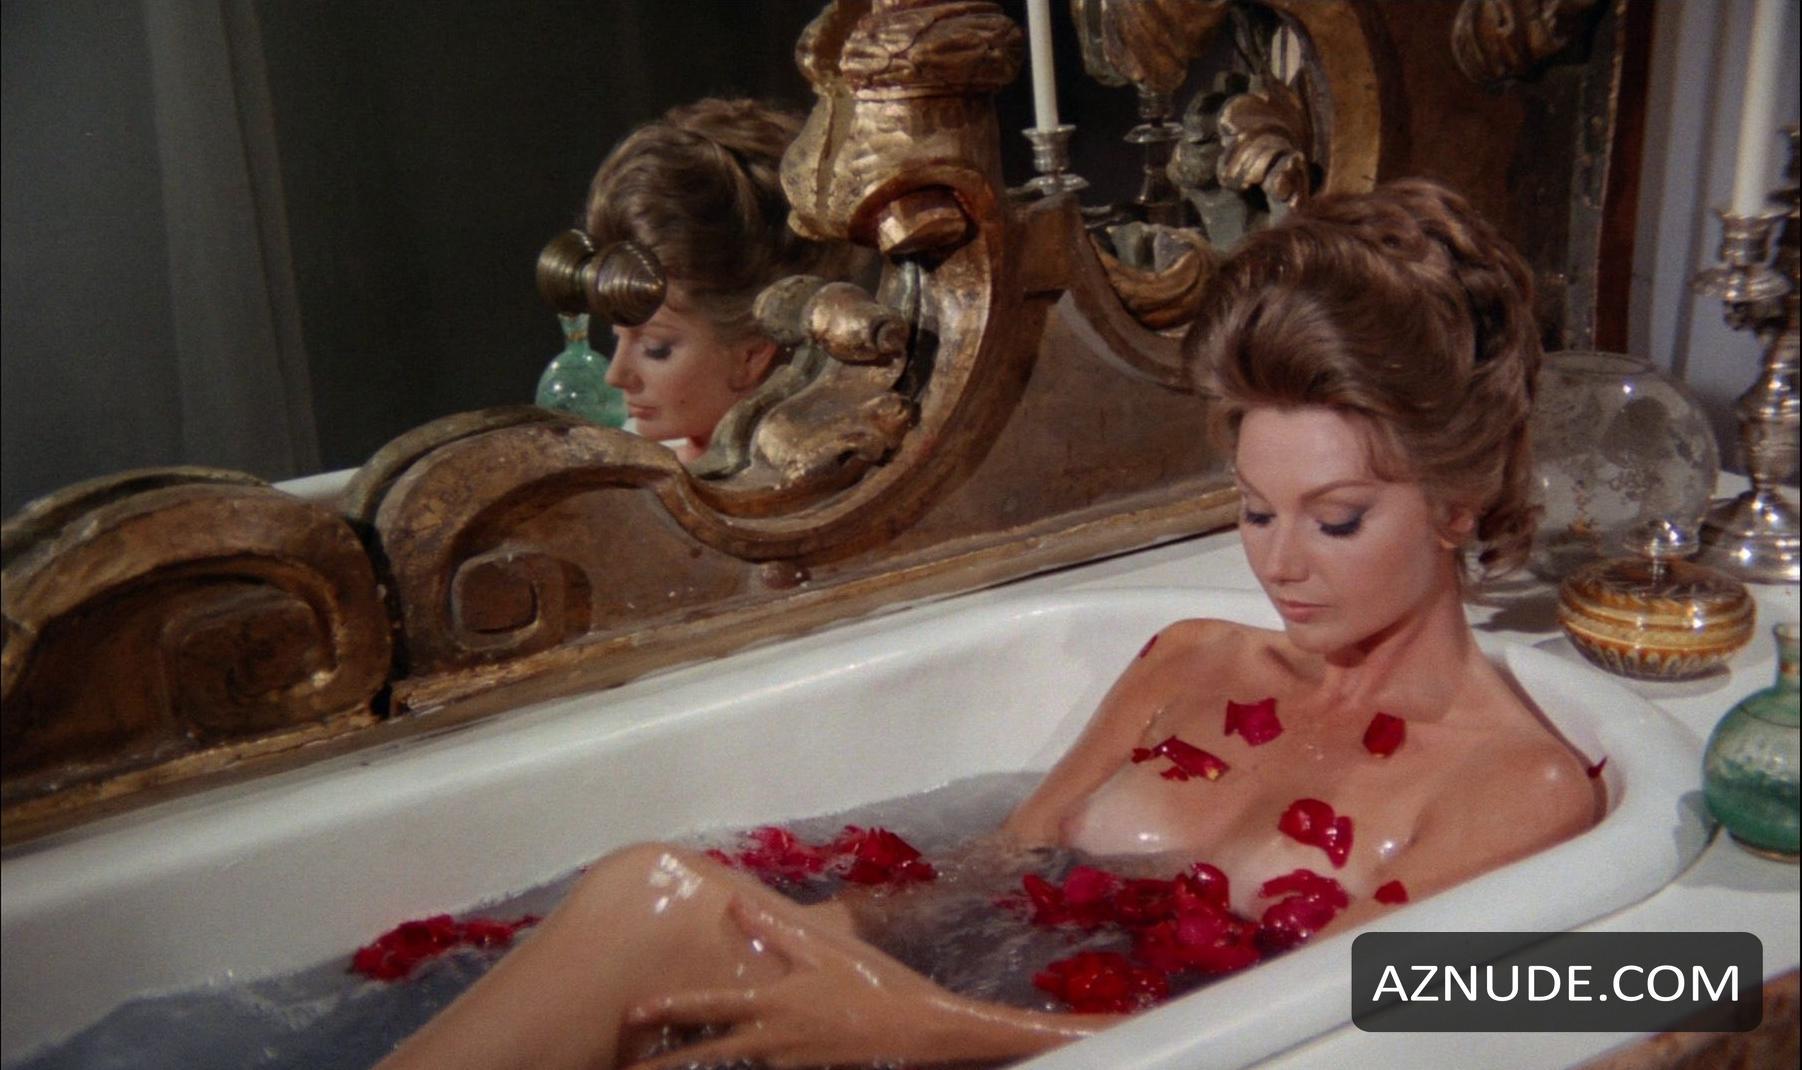 Lina romay nude scenes from mil sexos tiene la noche - 1 7